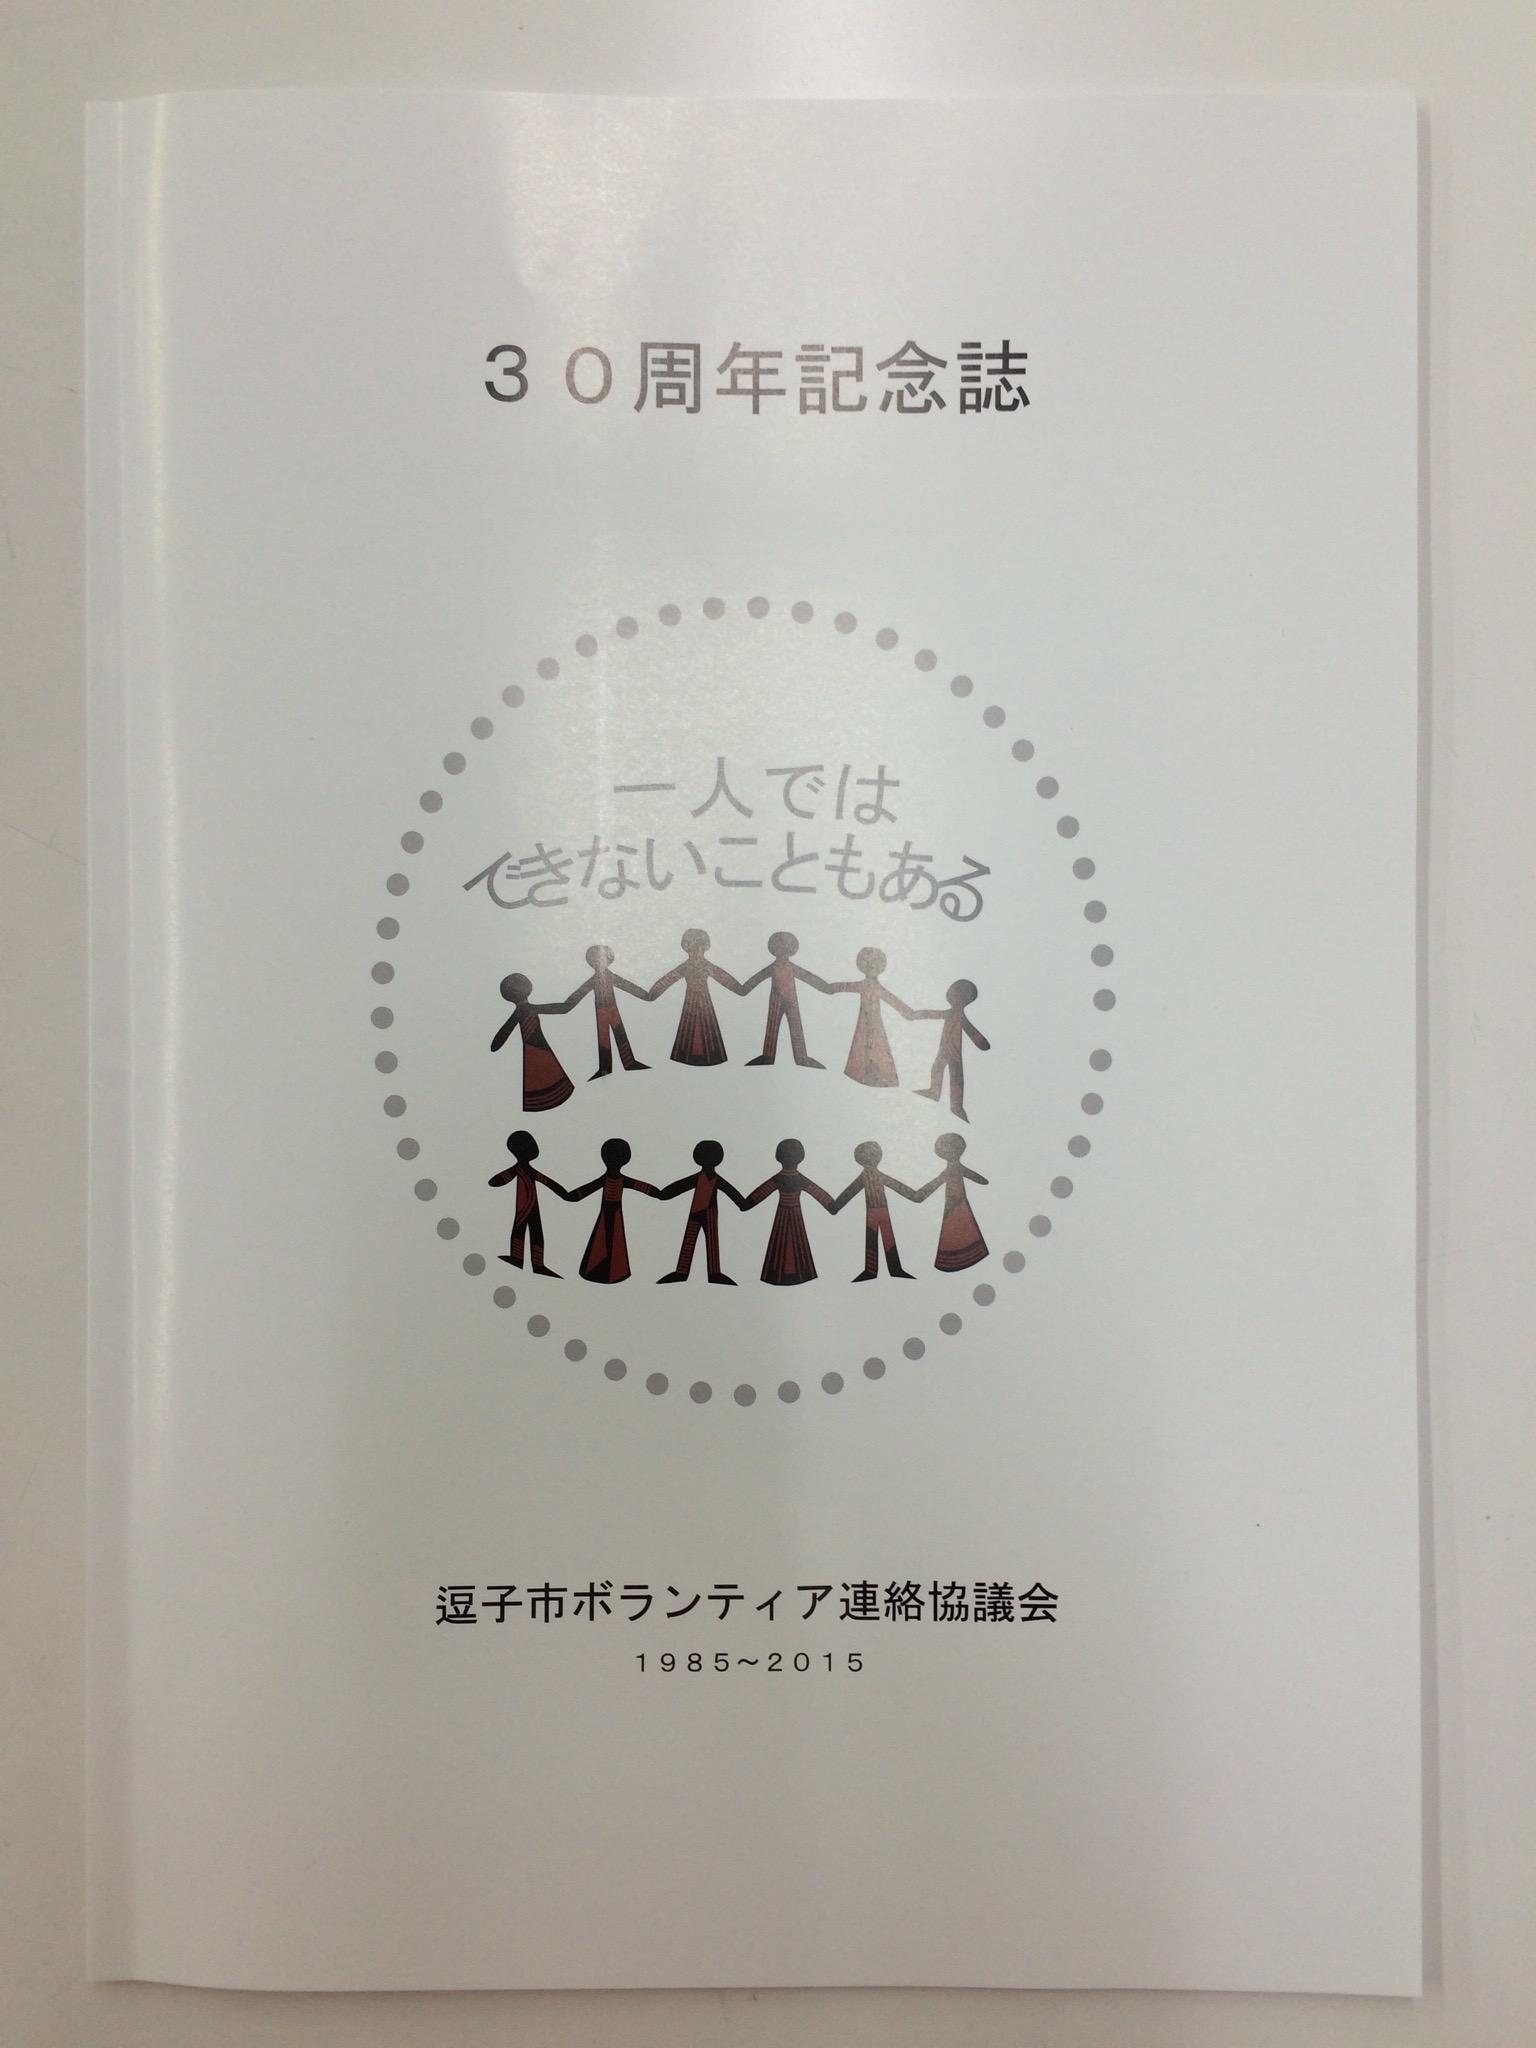 「逗子市ボランティア連絡協議会30周年記念誌」に若輩ながら寄稿いたしました